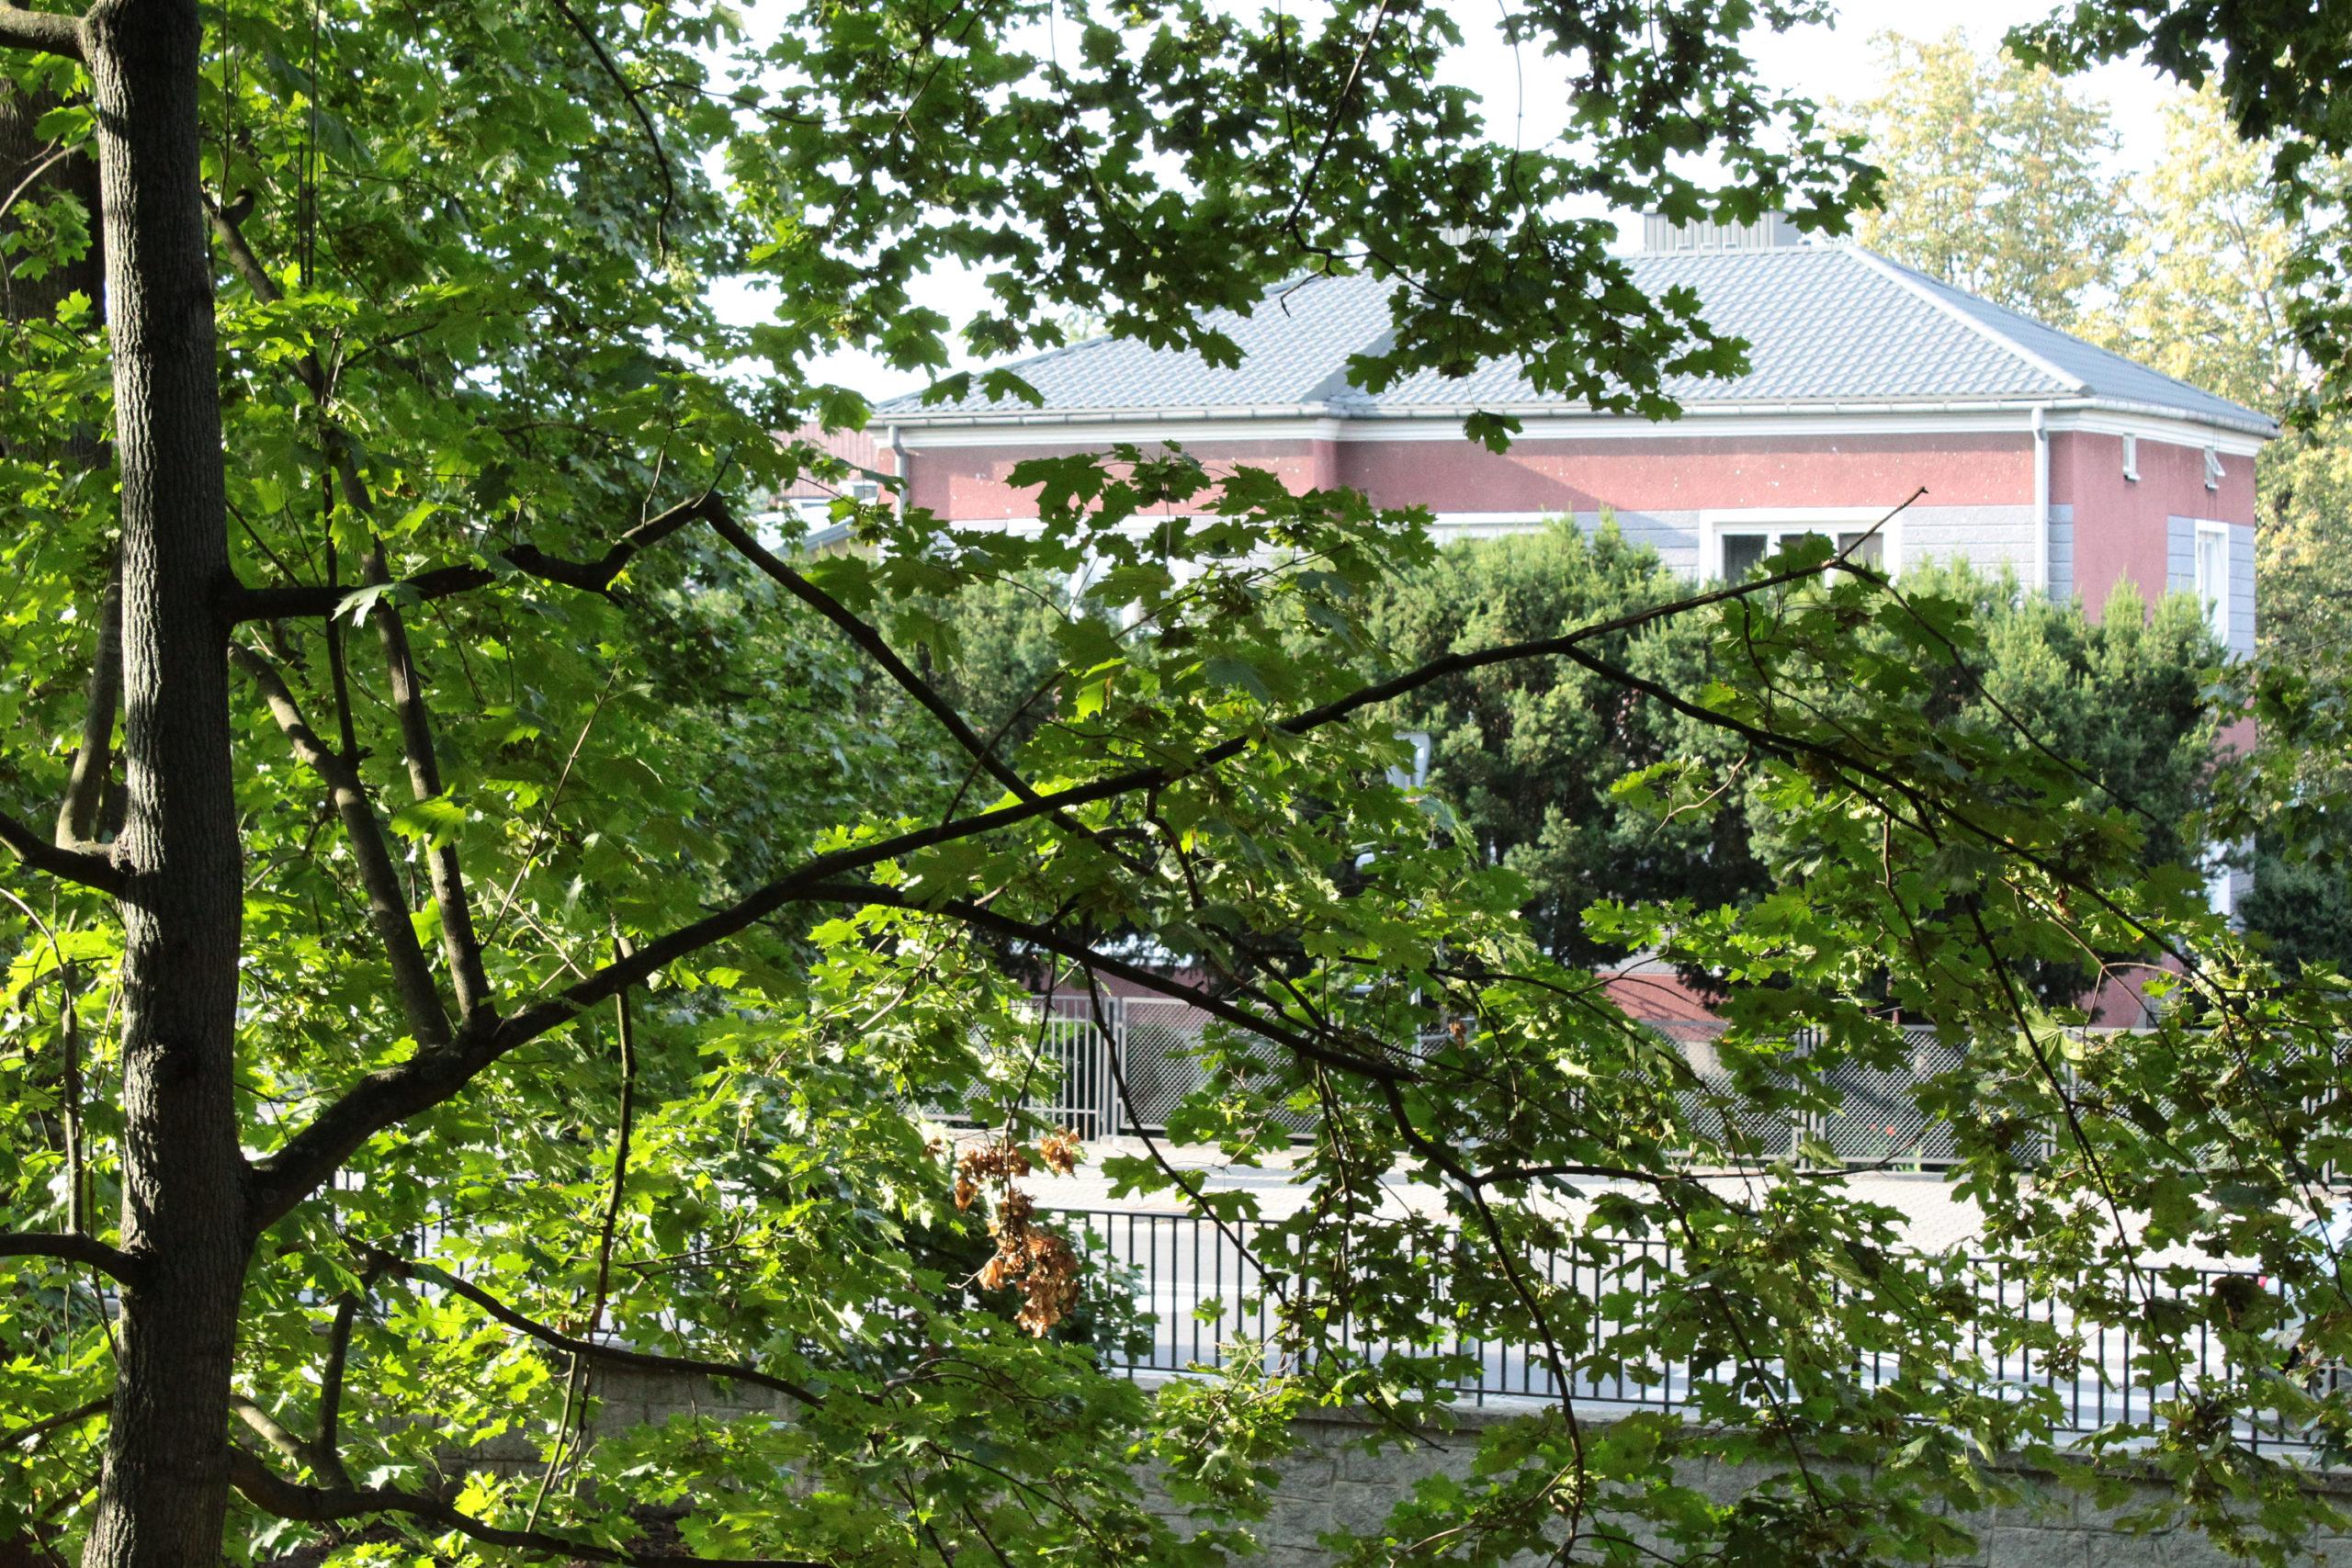 drzewa i budynek w tle